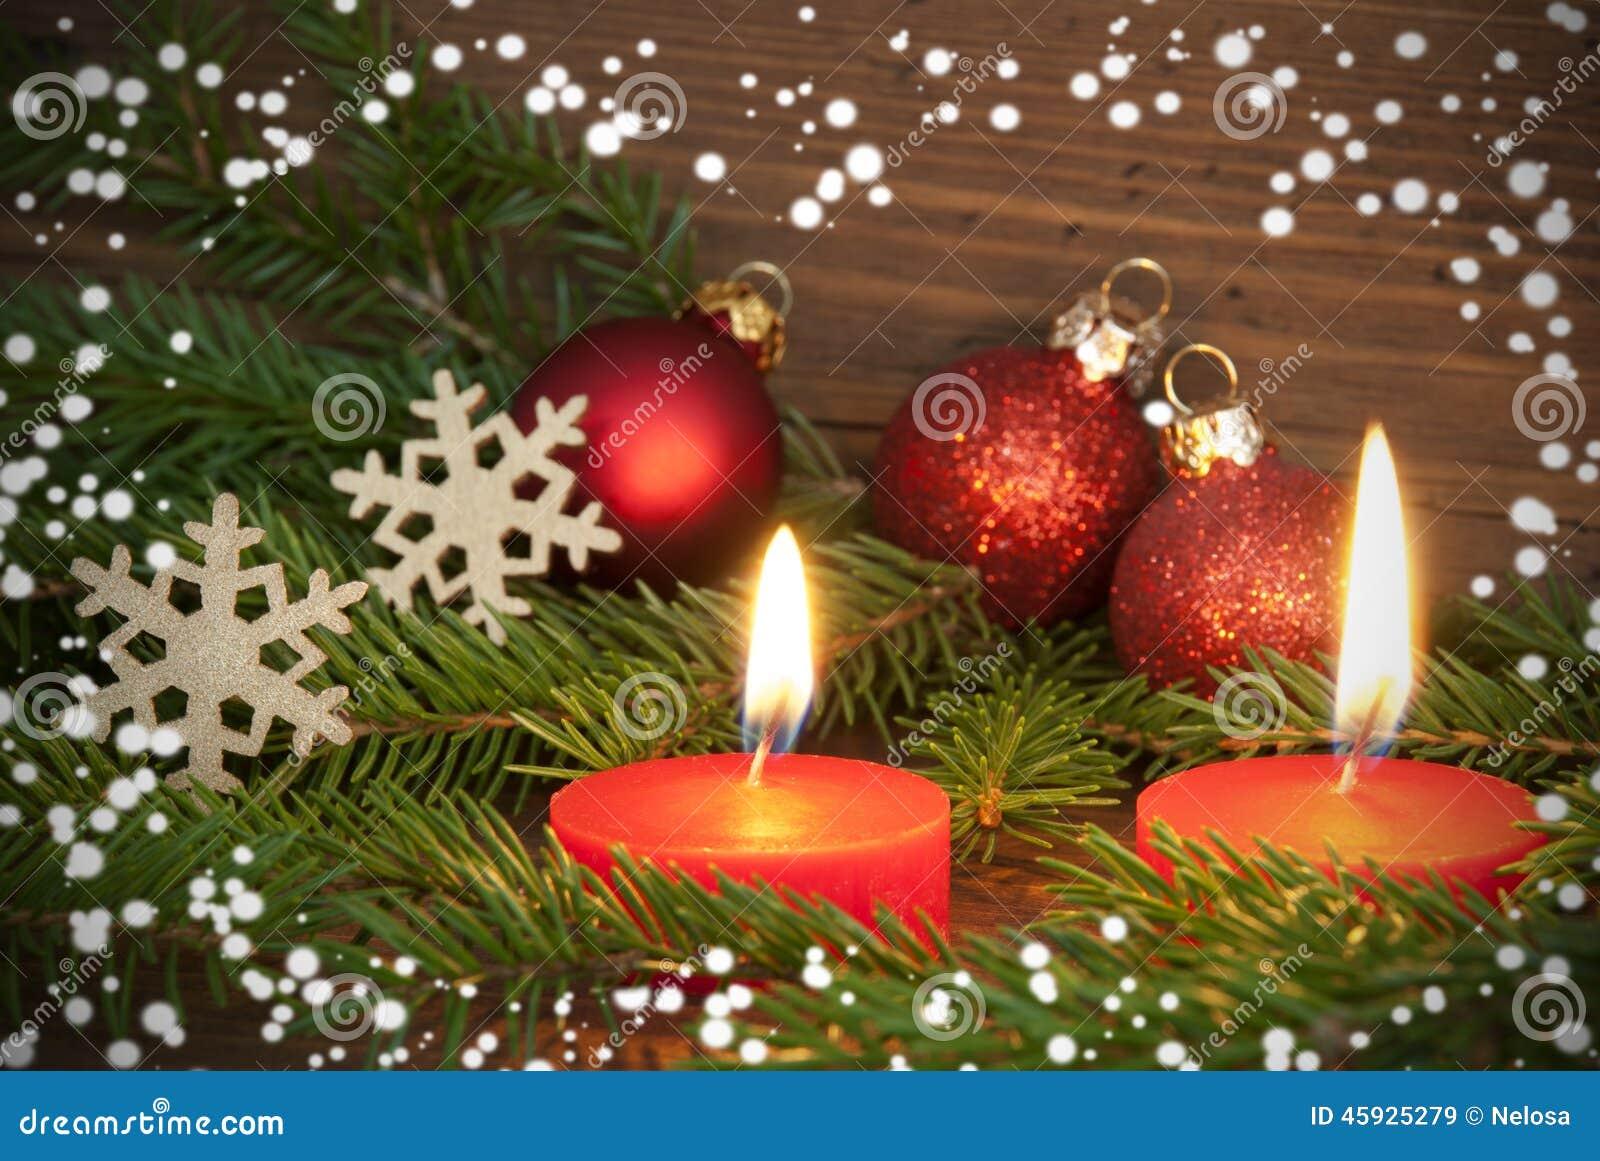 rote brennende kerzen mit weihnachtsdekoration stockbild bild von festlich candlelit 45925279. Black Bedroom Furniture Sets. Home Design Ideas